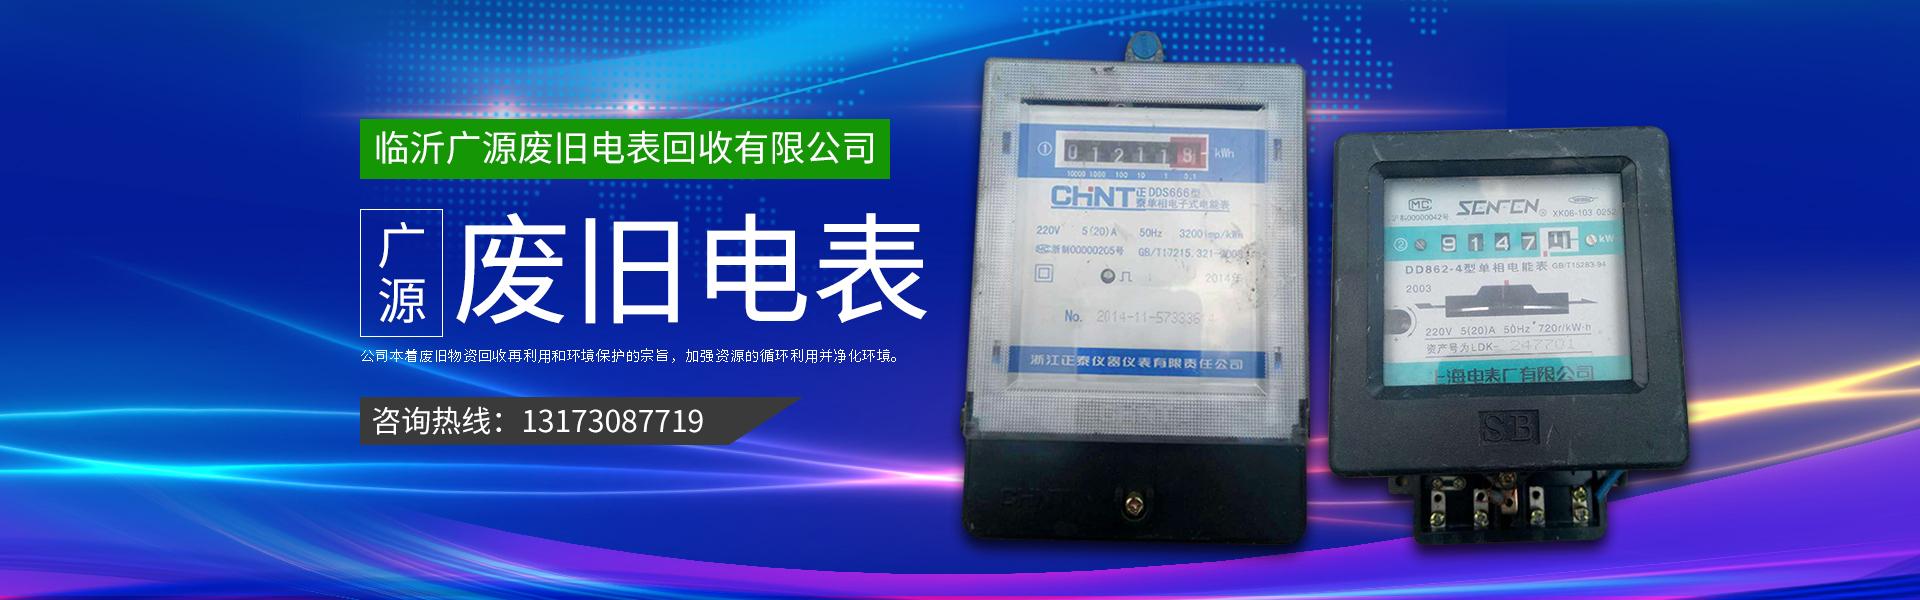 回收废旧电表,二手电表回收,回收废旧电表箱,旧电表回收